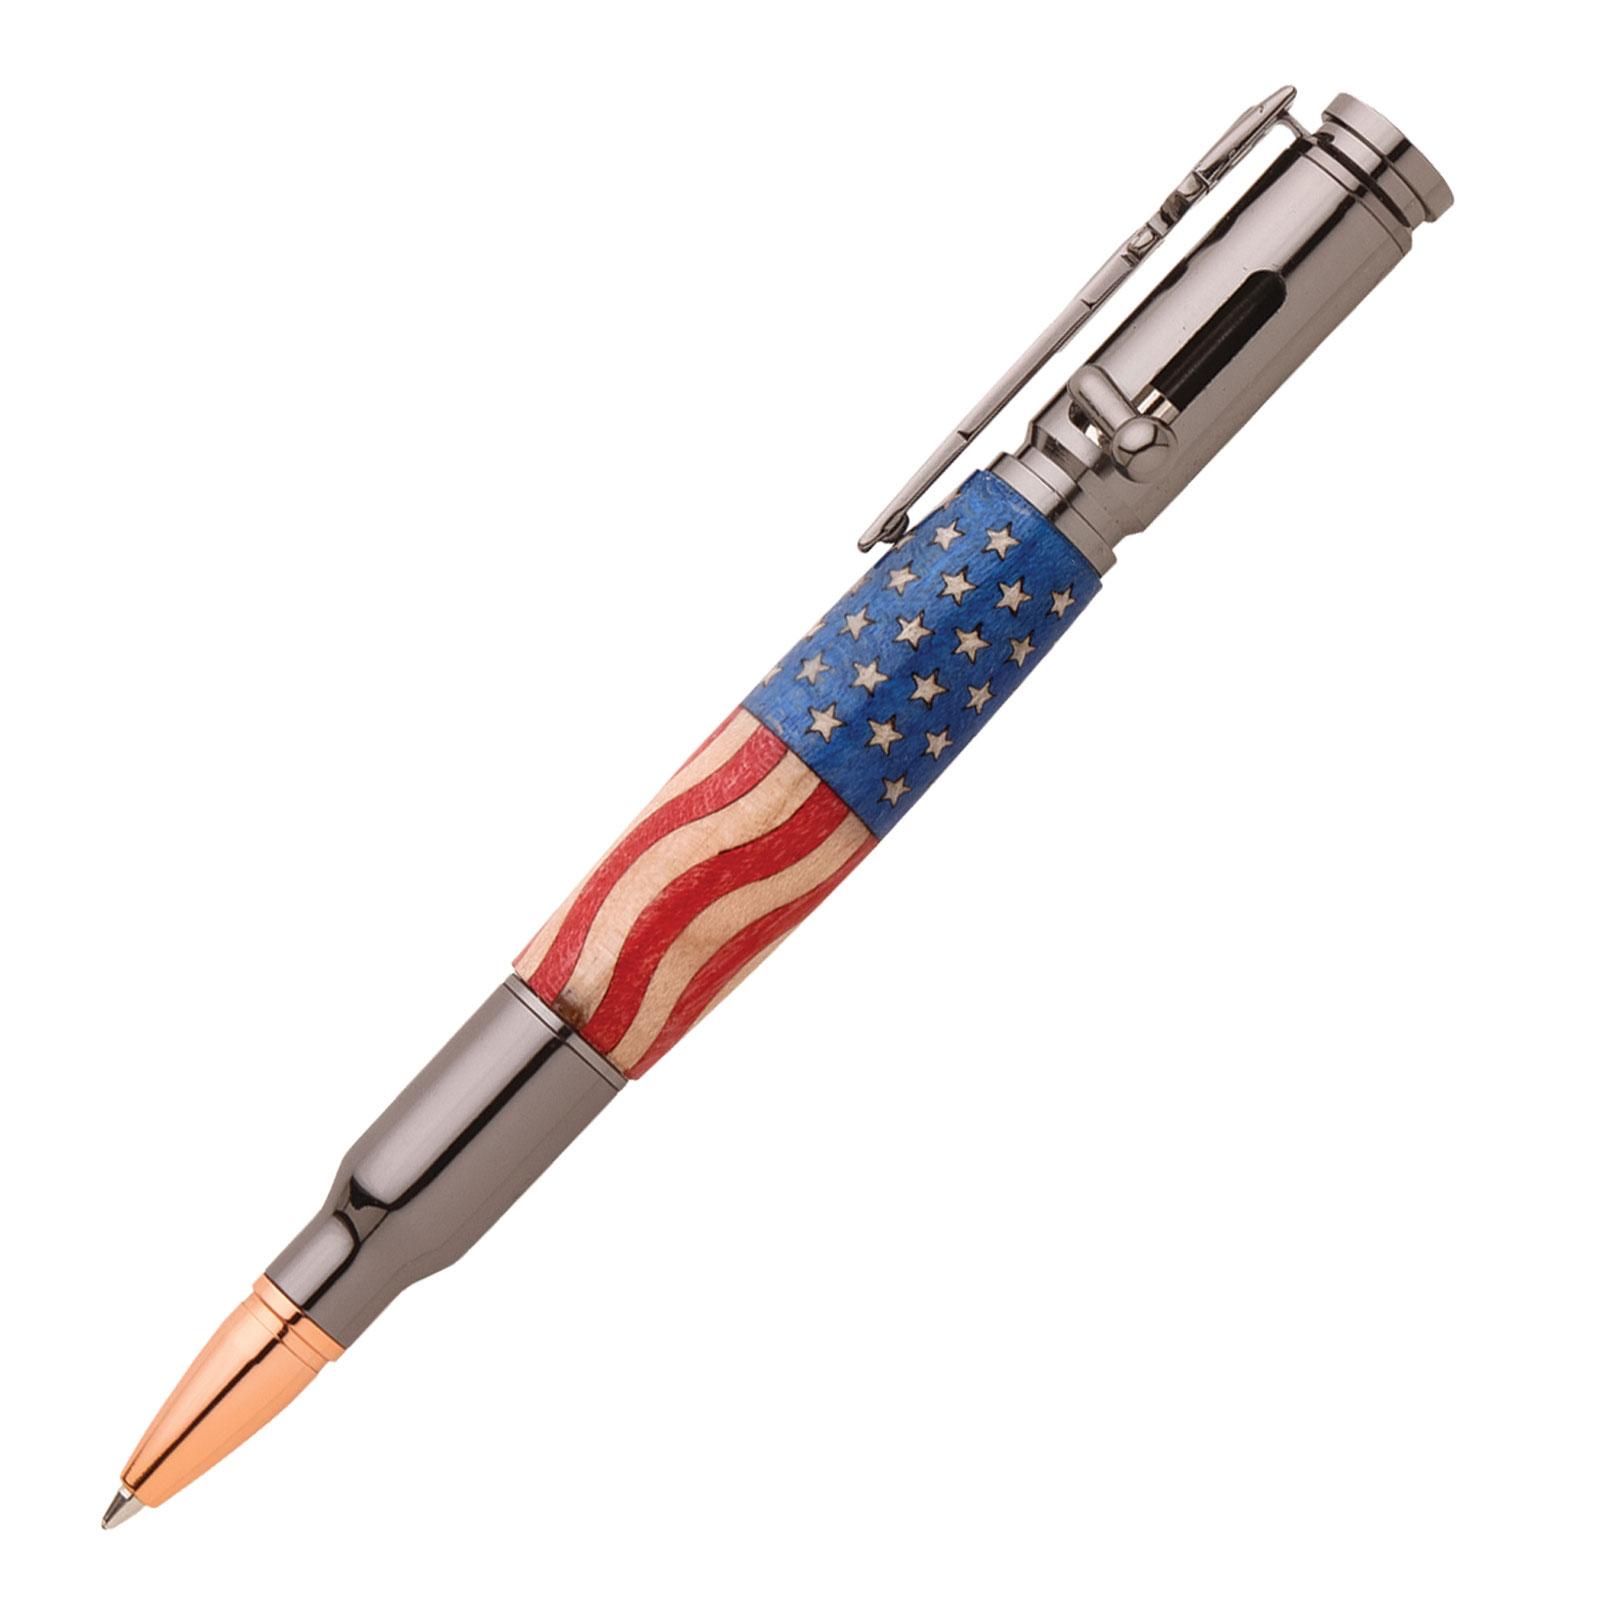 bolt action pen kit instructions